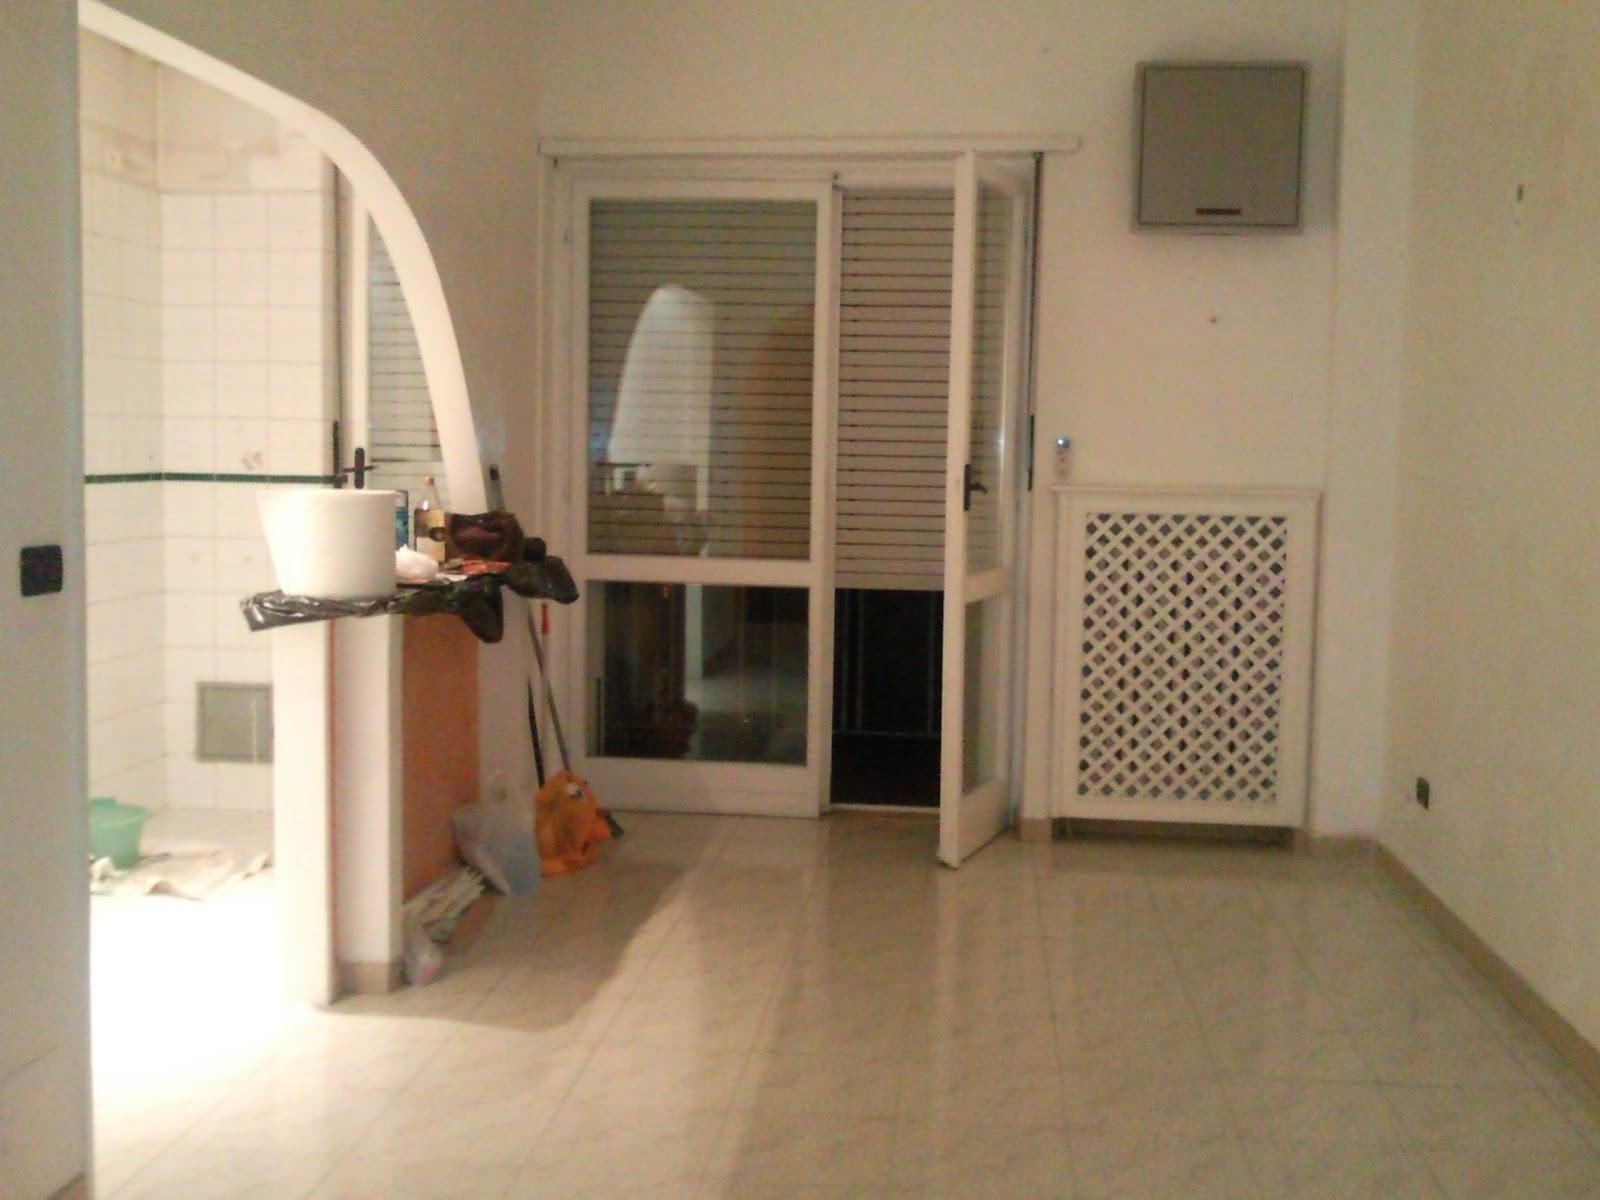 Architettare - ovvero progettare casa online LOW COST: CAMERA E ...